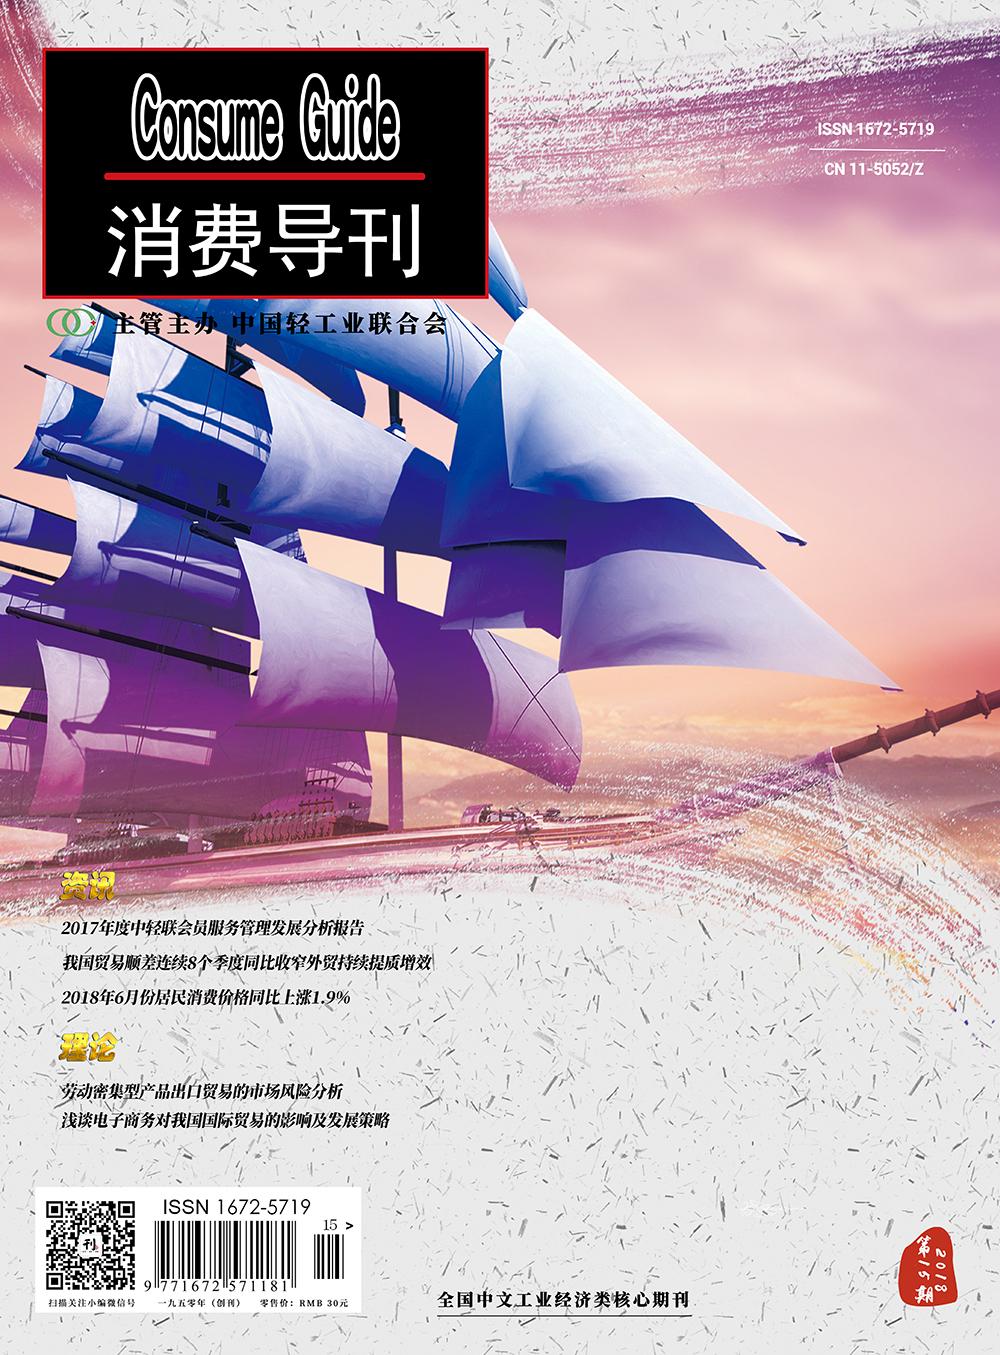 消费导刊2018年第15期